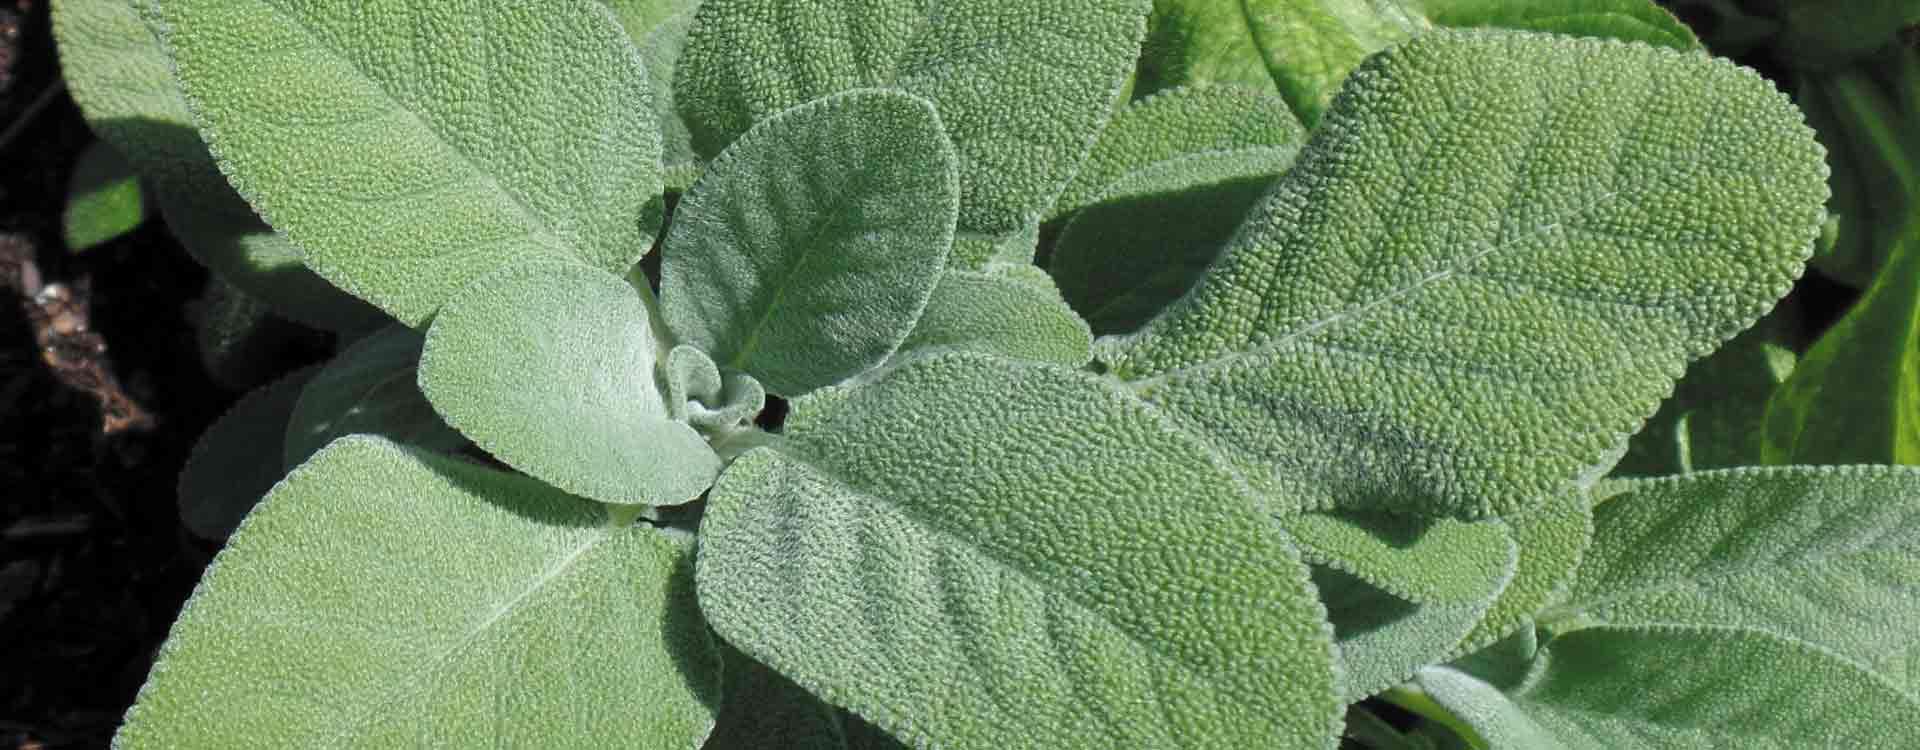 100% NON GMO Herbs